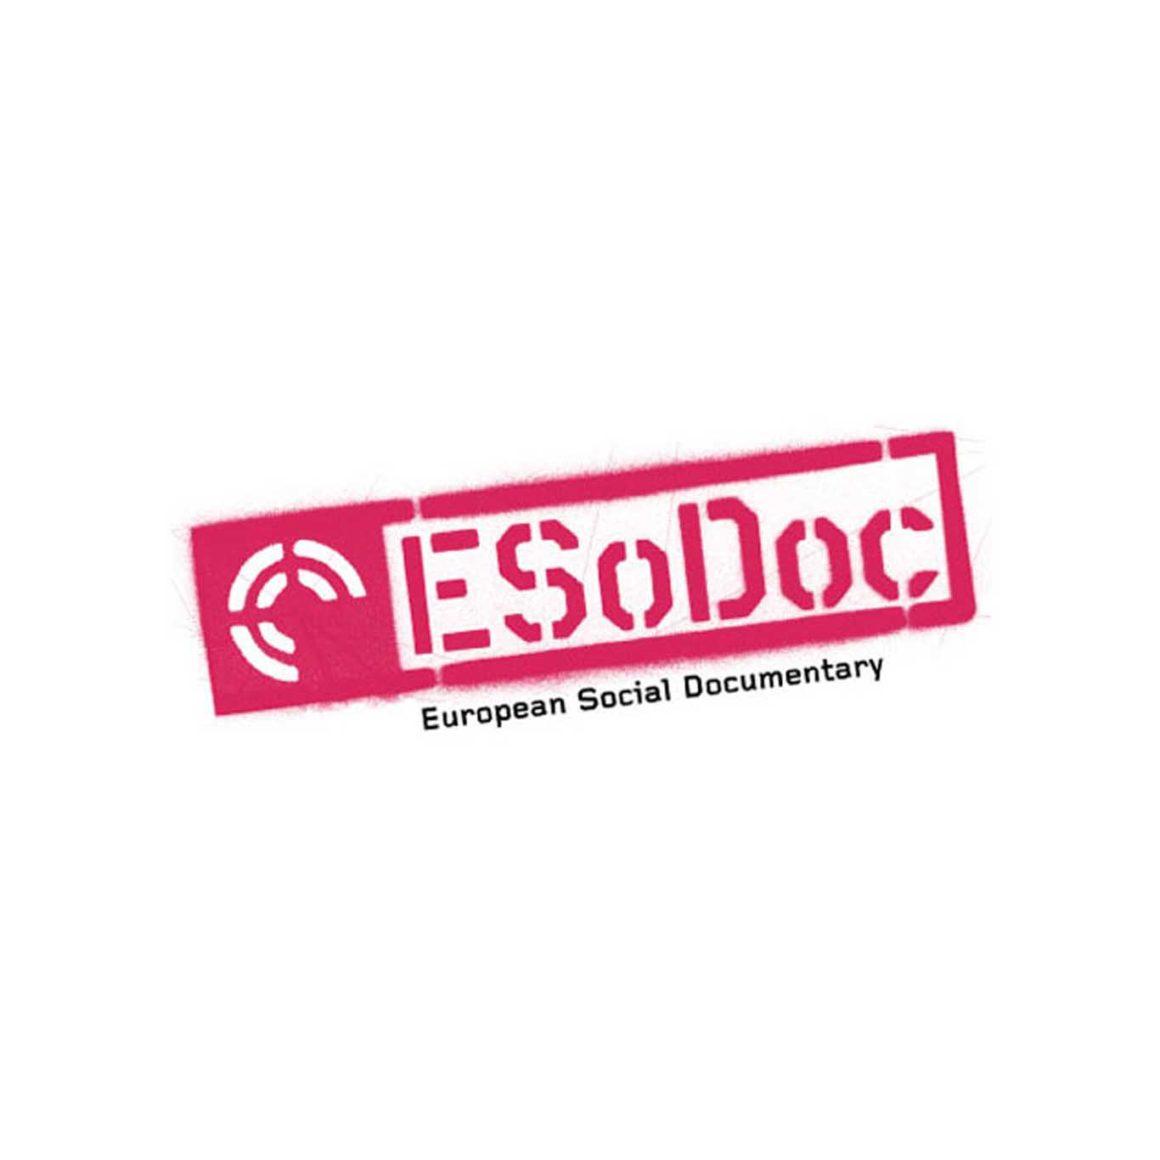 esodoc